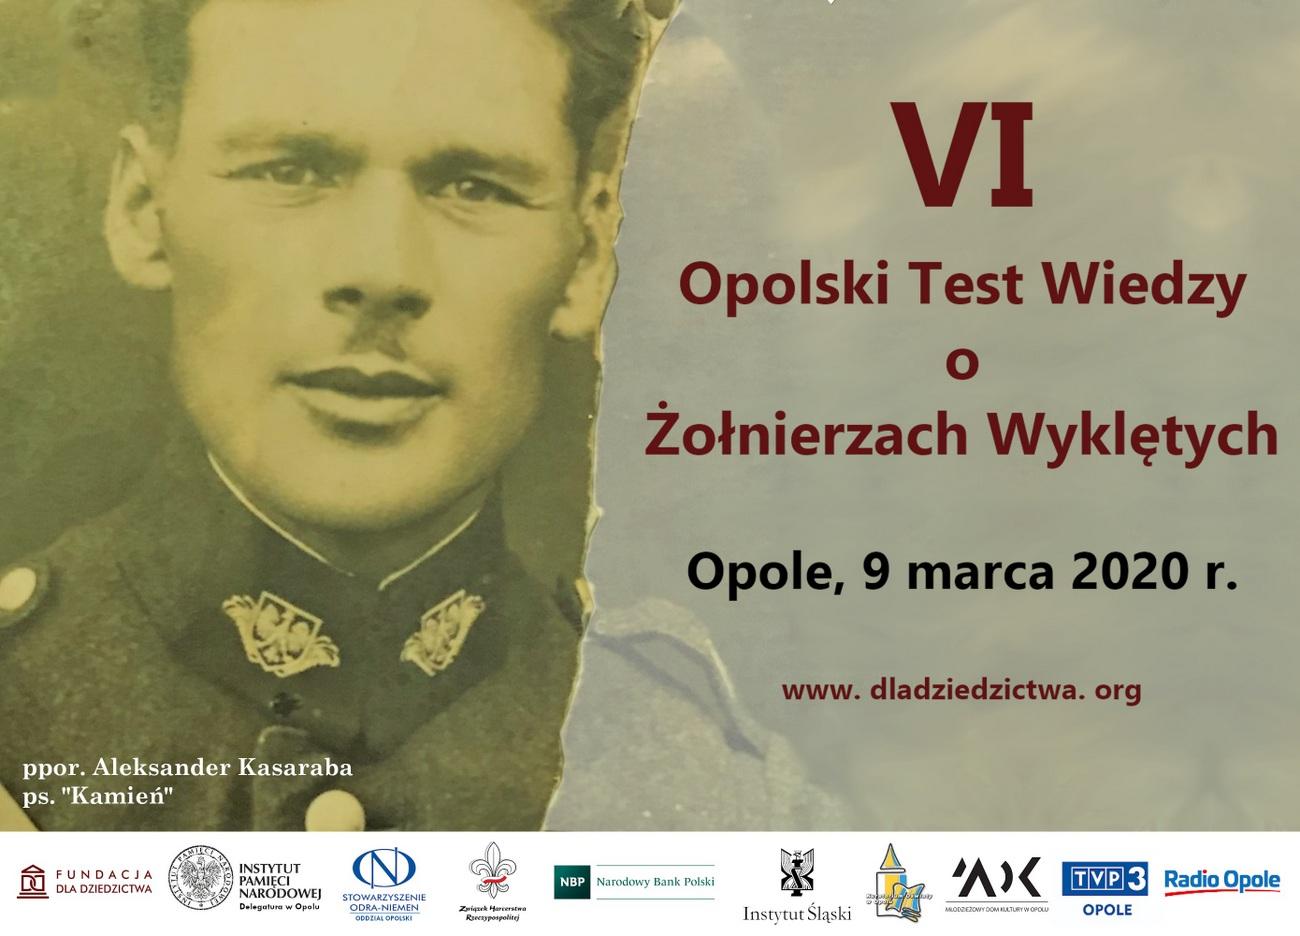 Zbliża się VI Opolski Test Wiedzy o Żołnierzach Wyklętych – poznaj szczegóły i zgłoś swój udział! [materiały organizatora]